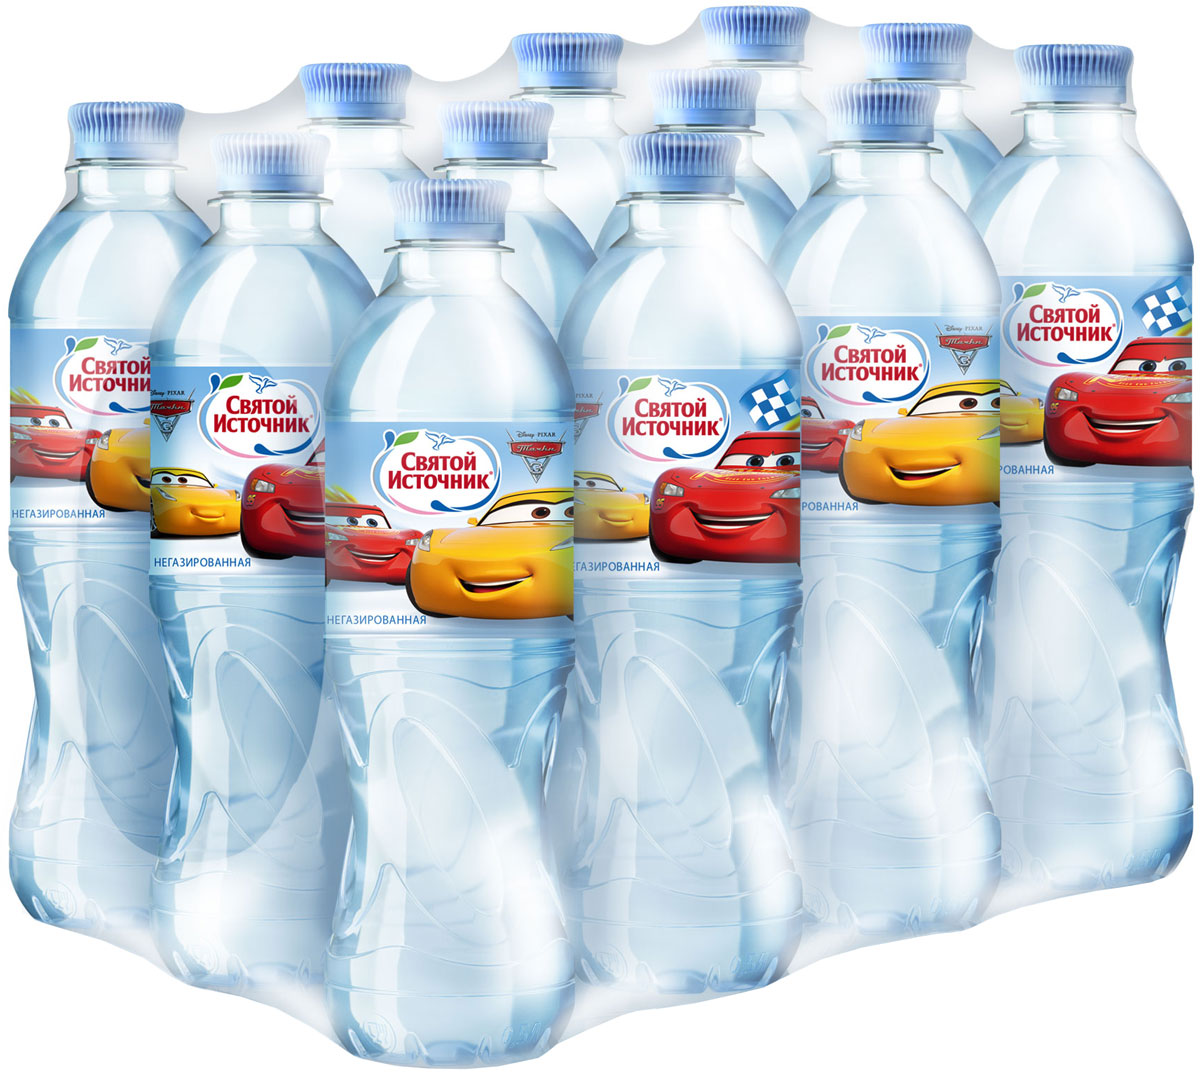 Святой Источник Тачки вода питьевая негазированная, 12 шт по 0,5 л4603934001523Питьевая негазированная вода Святой Источник из заповедного сердца природы, артезианская высшей категории для детей от 3-х лет в игровой упаковке. Добывается из артезианских скважин; содержит полезные микроэлементы, необходимые для активного роста и гармоничного развития ребенка; уникальная бутылка в игровой упаковке с героями команды Мстители. Благодаря особой и удобной форме и любимым героям бутылка будет всегда под рукой у ребенка: в школе, на прогулке, во время игры.